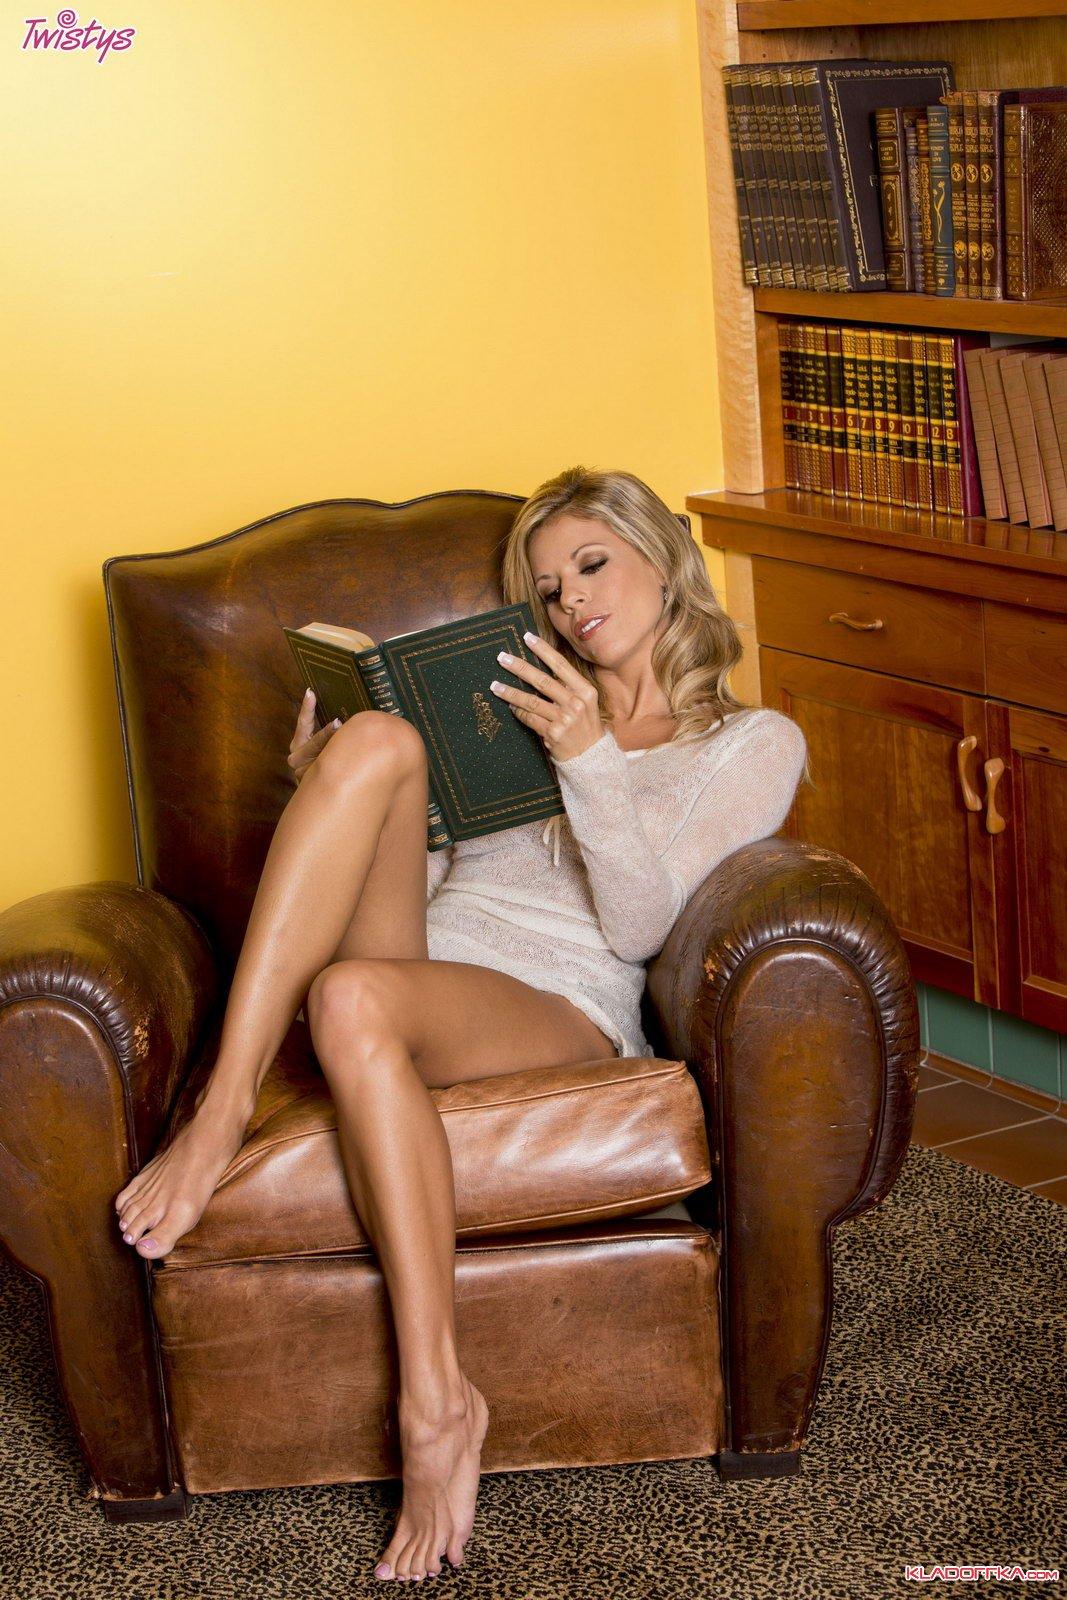 Красивая блондинка в чулках раздевается в библиотеке